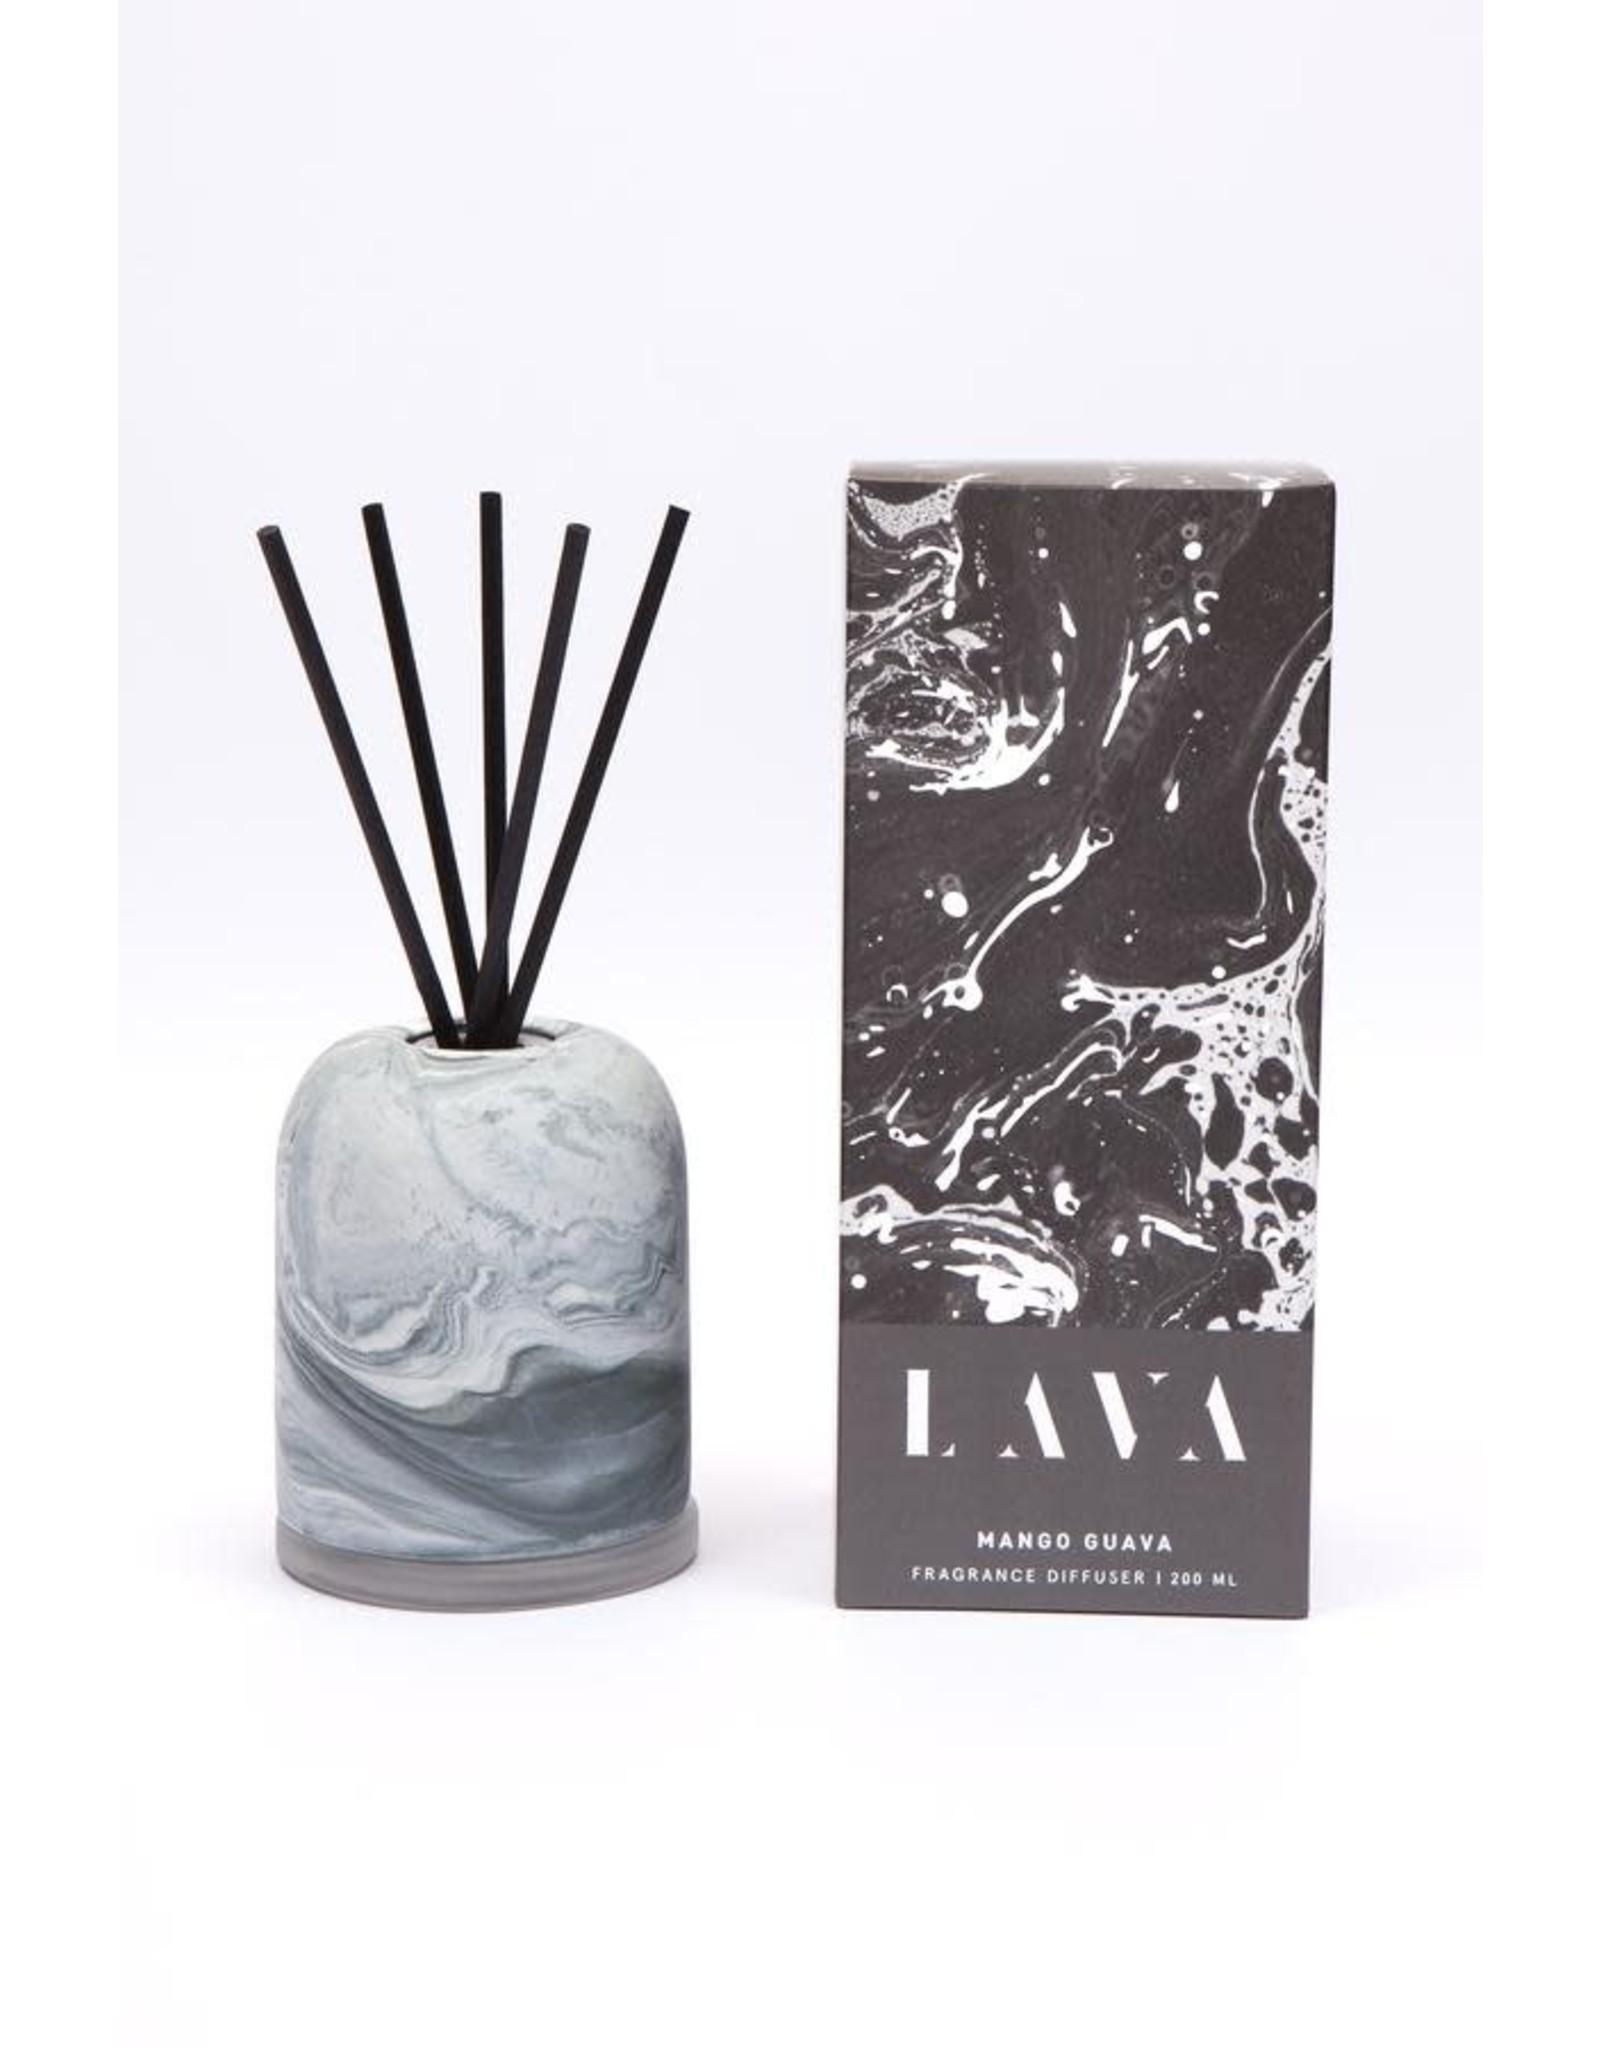 Lava Lava - Mango Guava 200mL Reed Diffuser